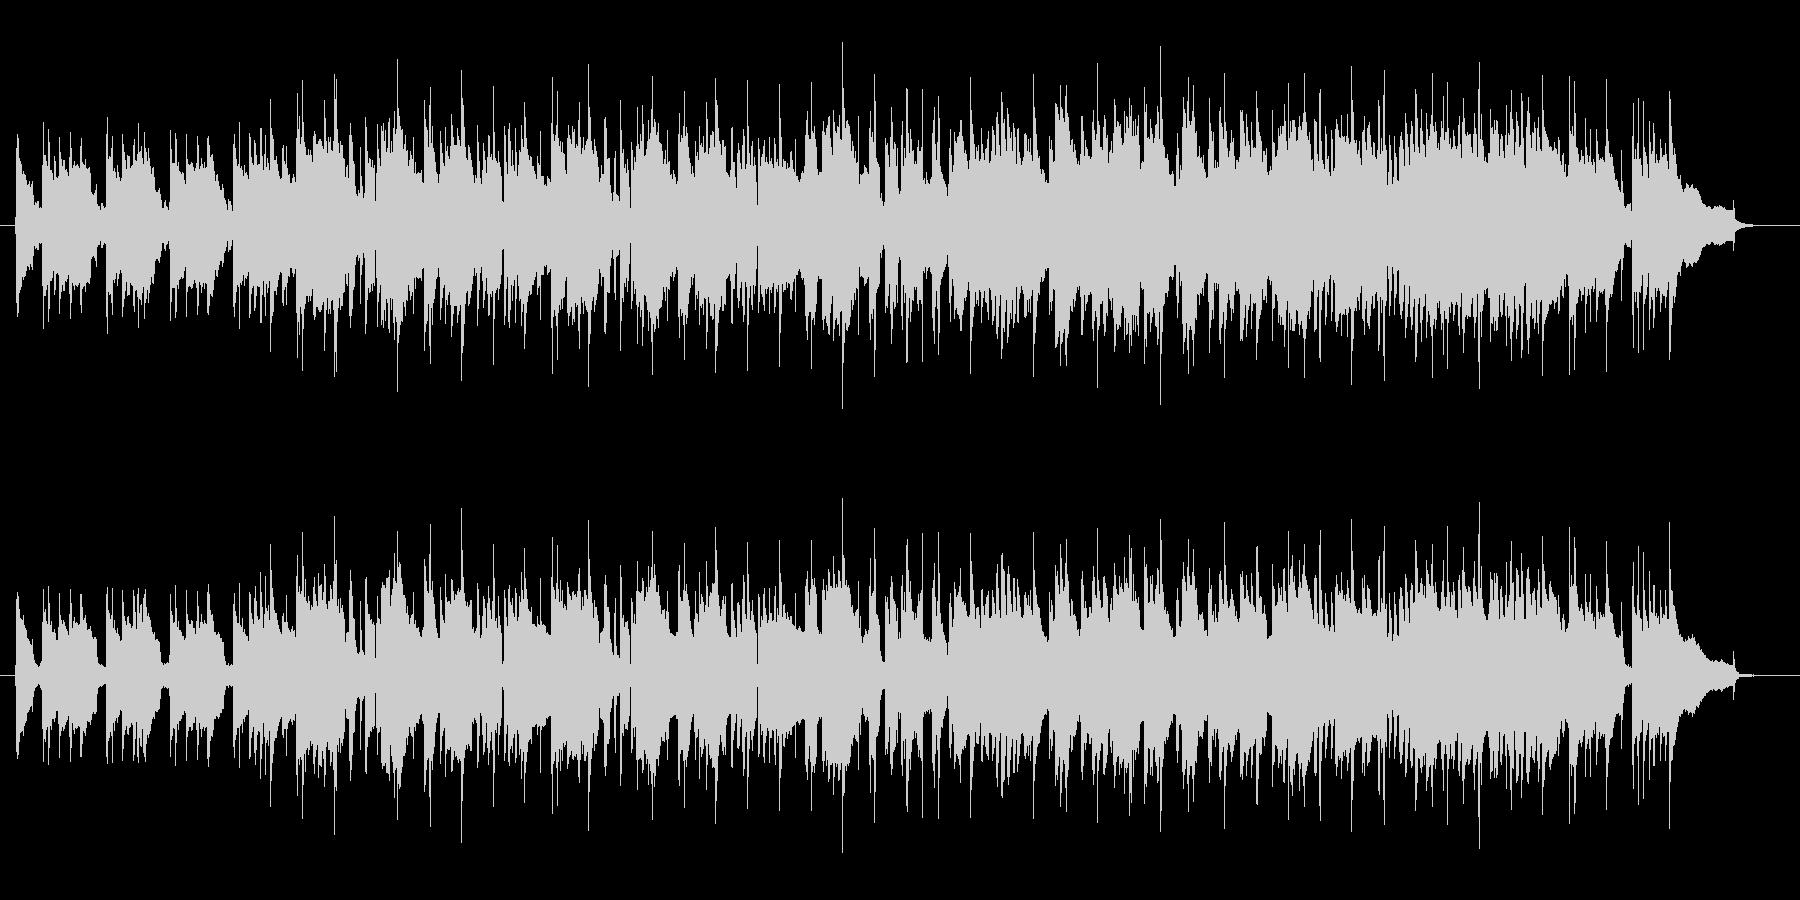 レトロなスローロックでサックスの曲の未再生の波形